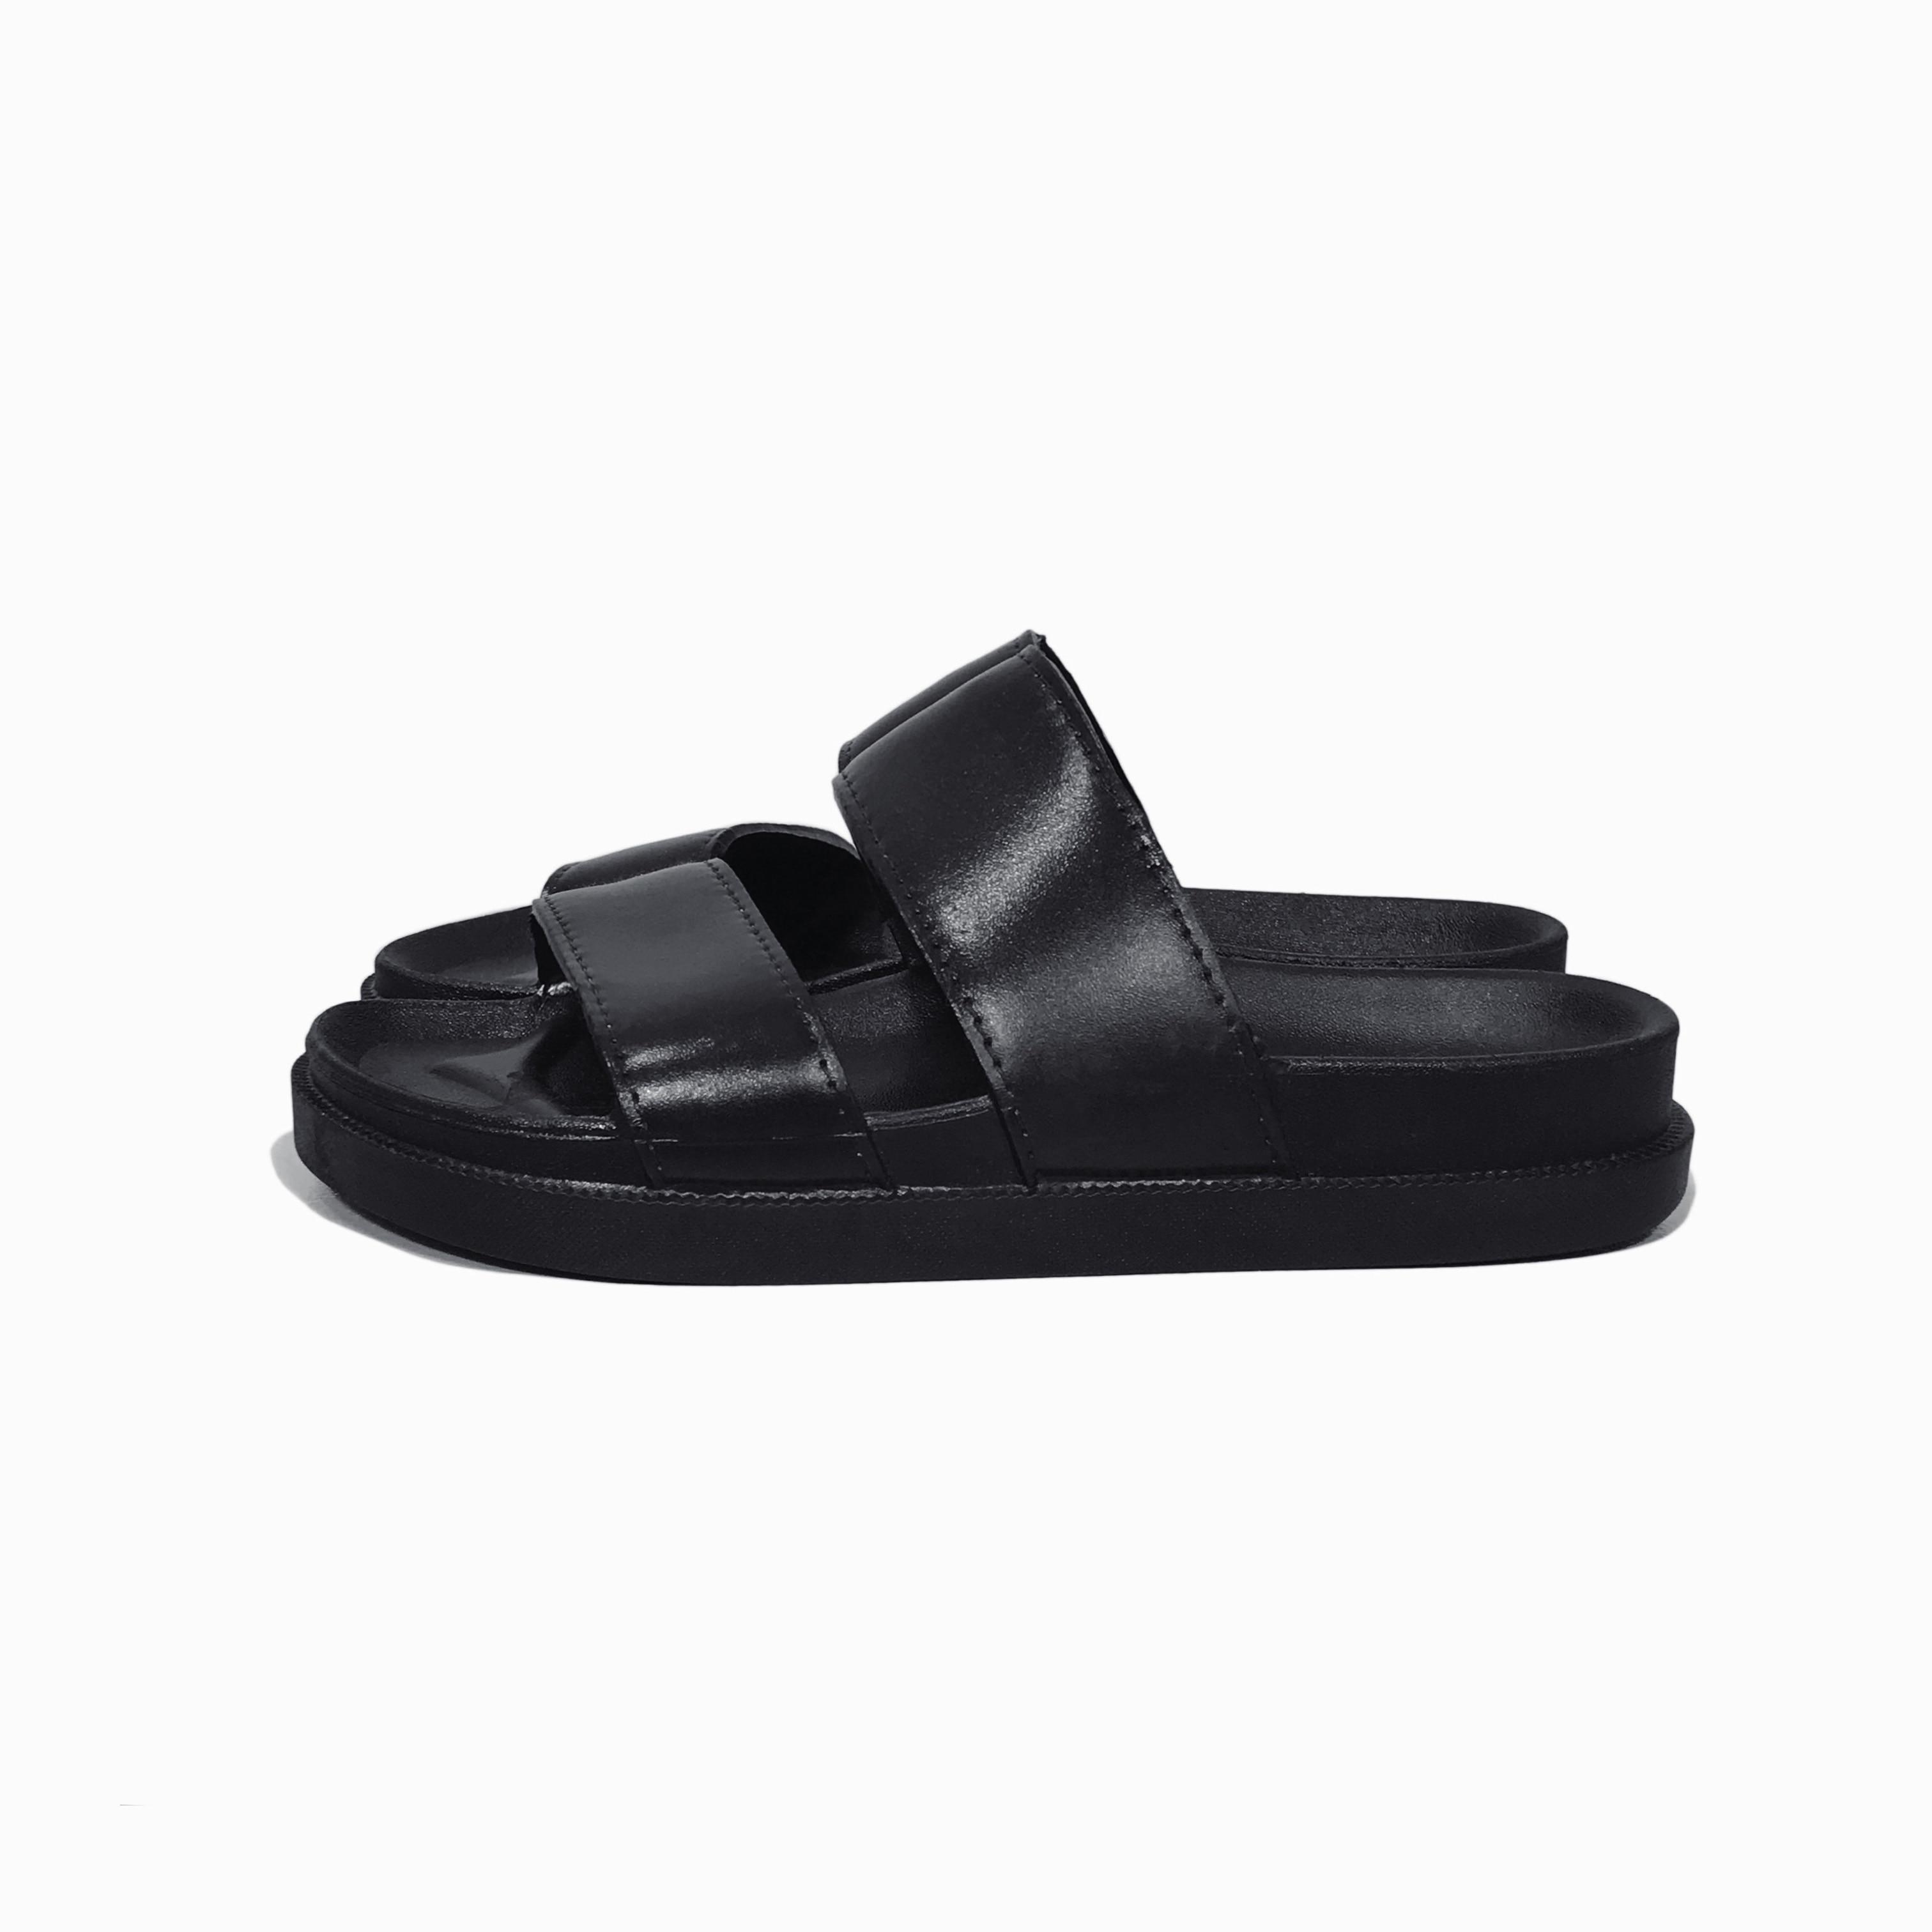 Nouveau Black D'été Noir Pour Appartements Chaussures white Occasionnels Pantoufles De Plage Sandales Diapositives Mode Hommes Flip Marque Flops Chaude R4SwdqH4